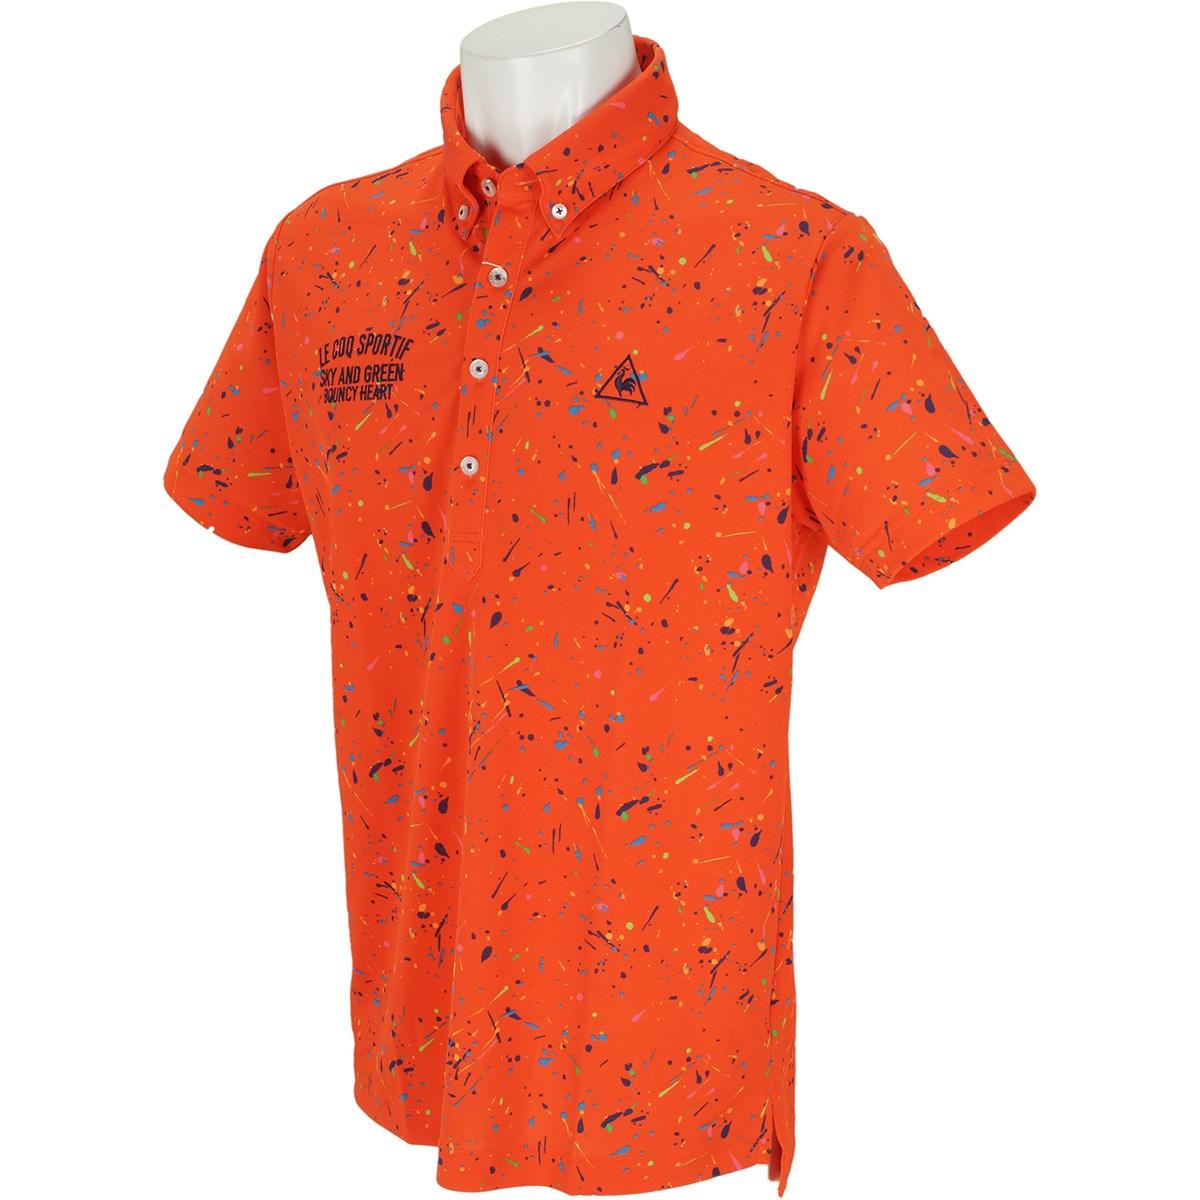 ルコックゴルフ サンスクリーンスプラッシュプリント半袖ポロシャツ